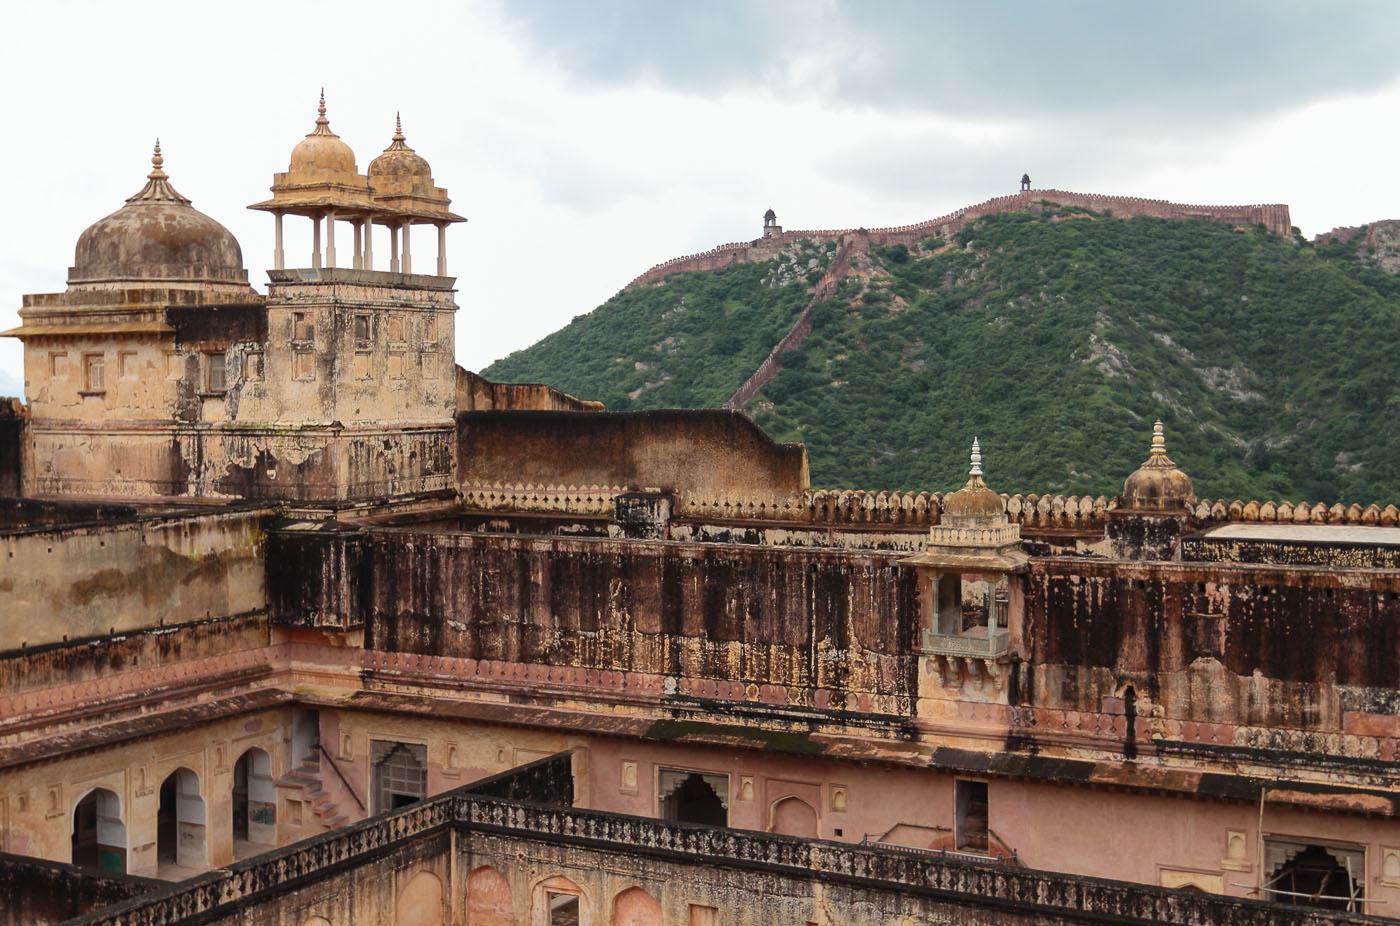 Фотография 14. Отчет о поездке по Золотому треугольнику Индии. Гарем раджи